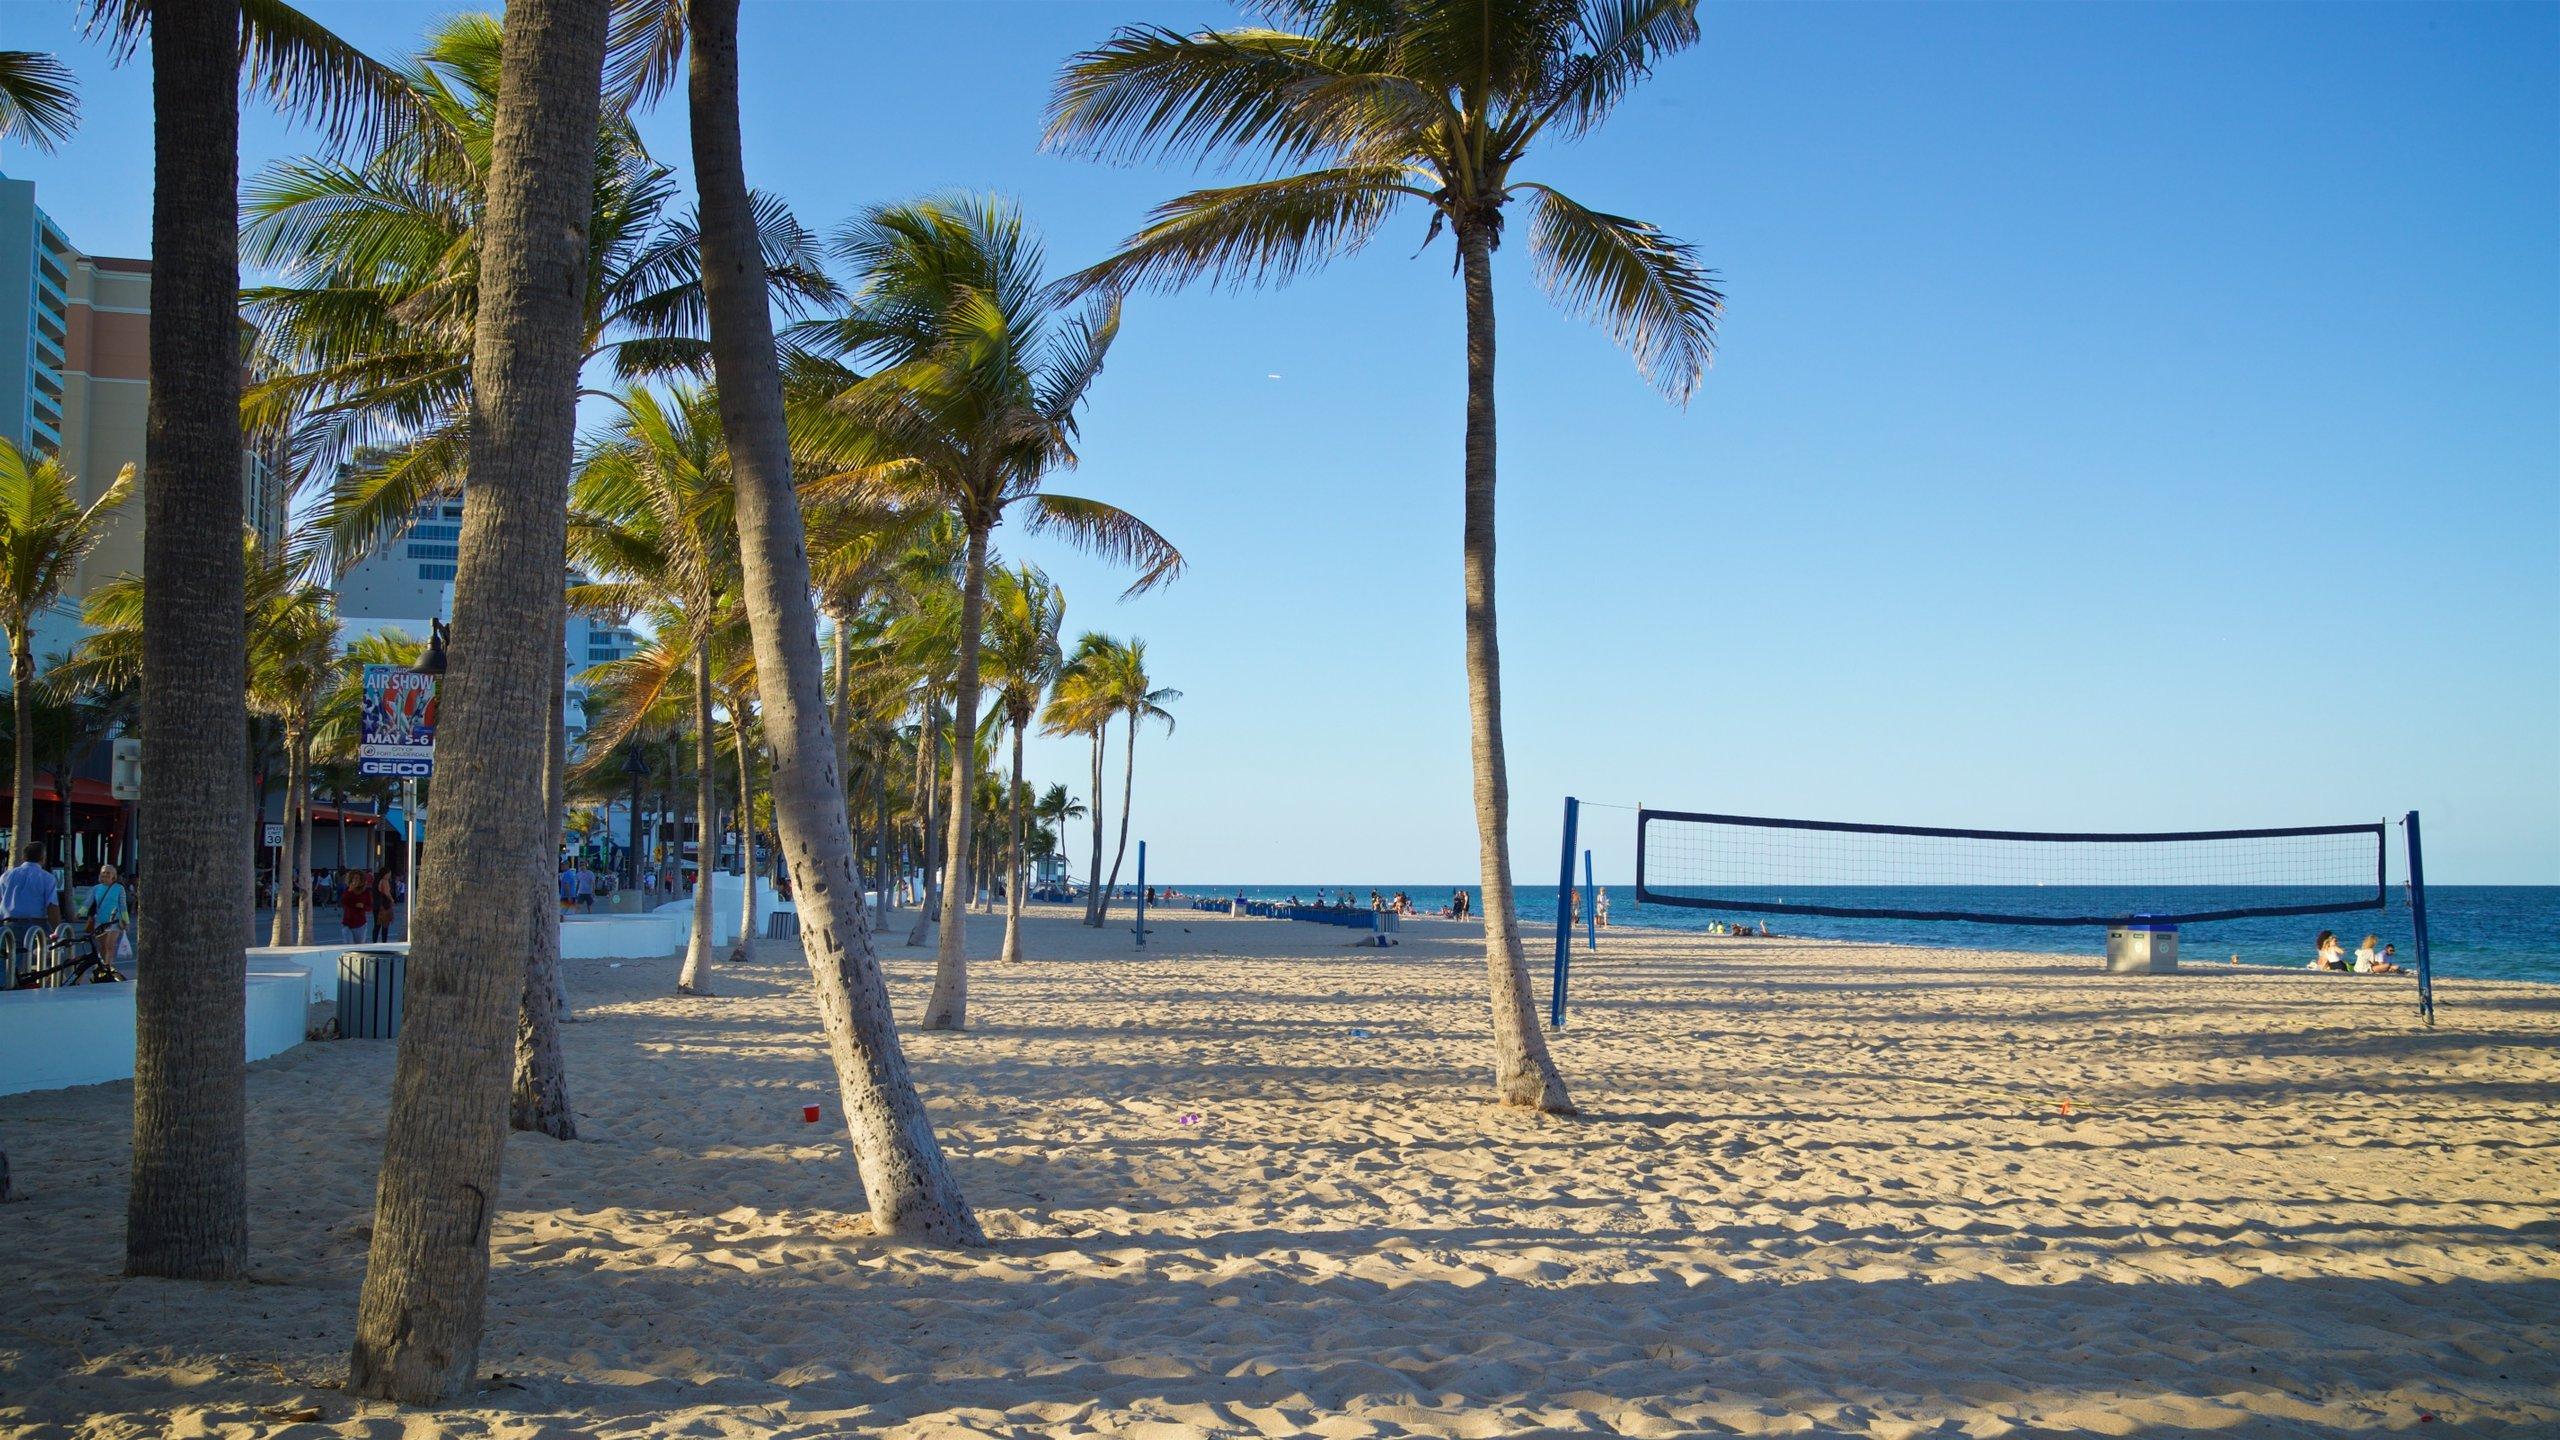 Las Olas Beach In Fort Lauderdale